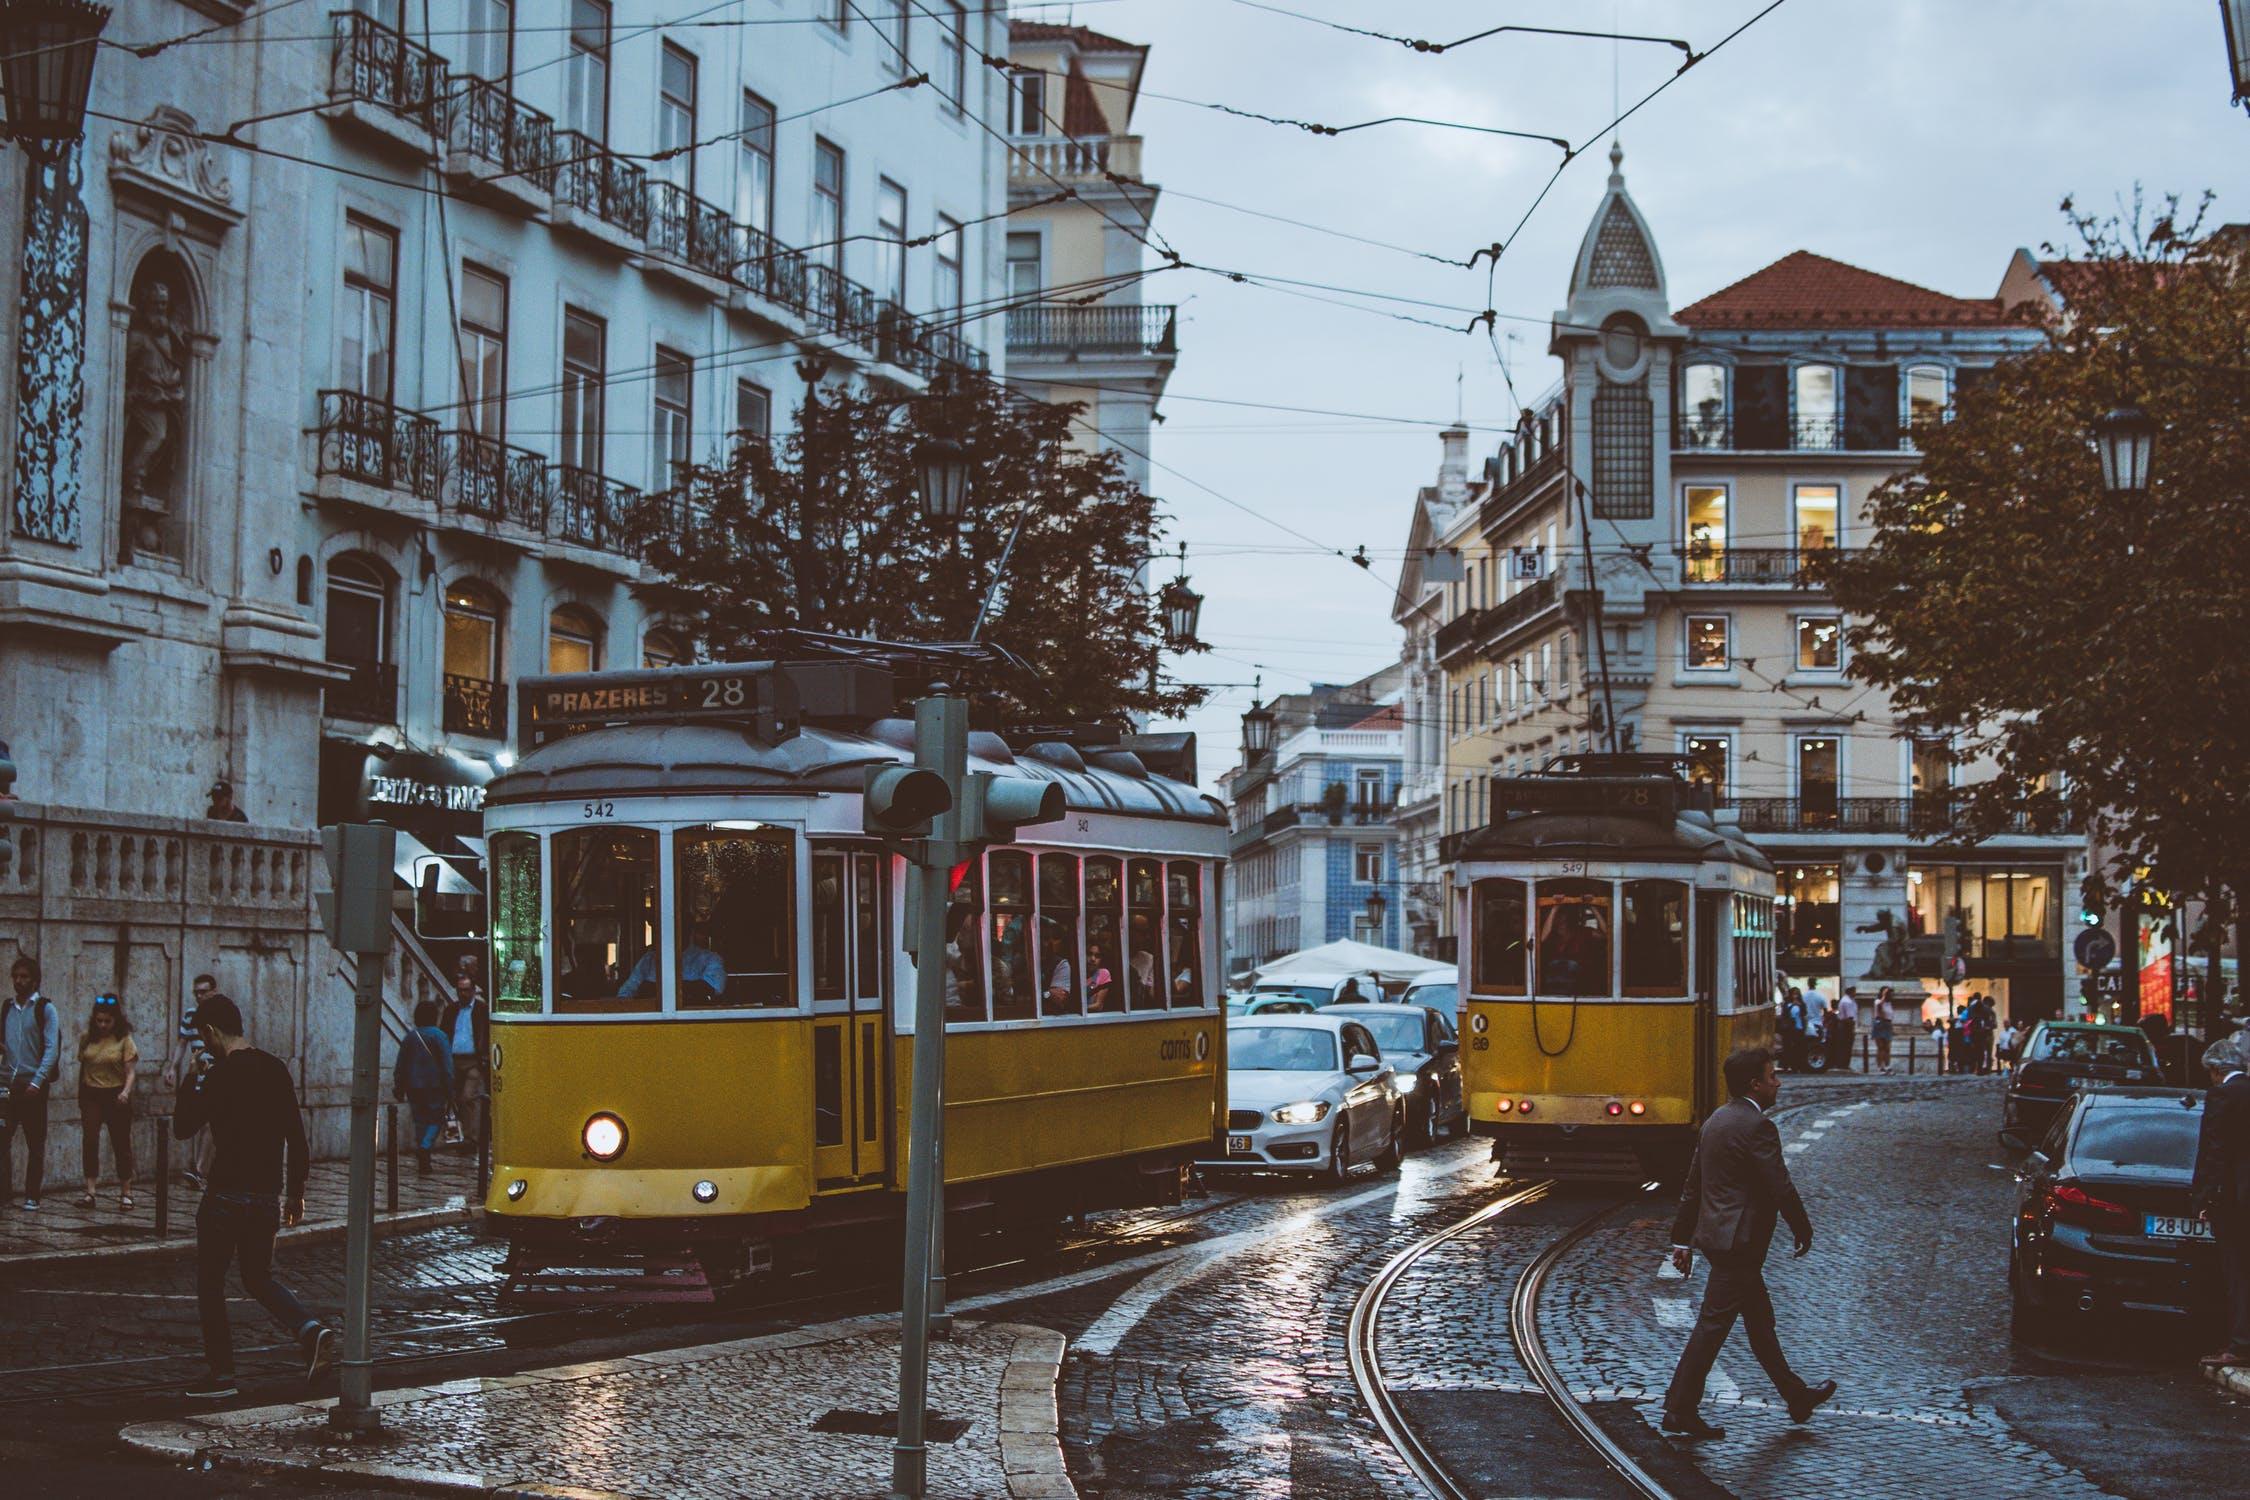 Viver em Portugal - Demografia